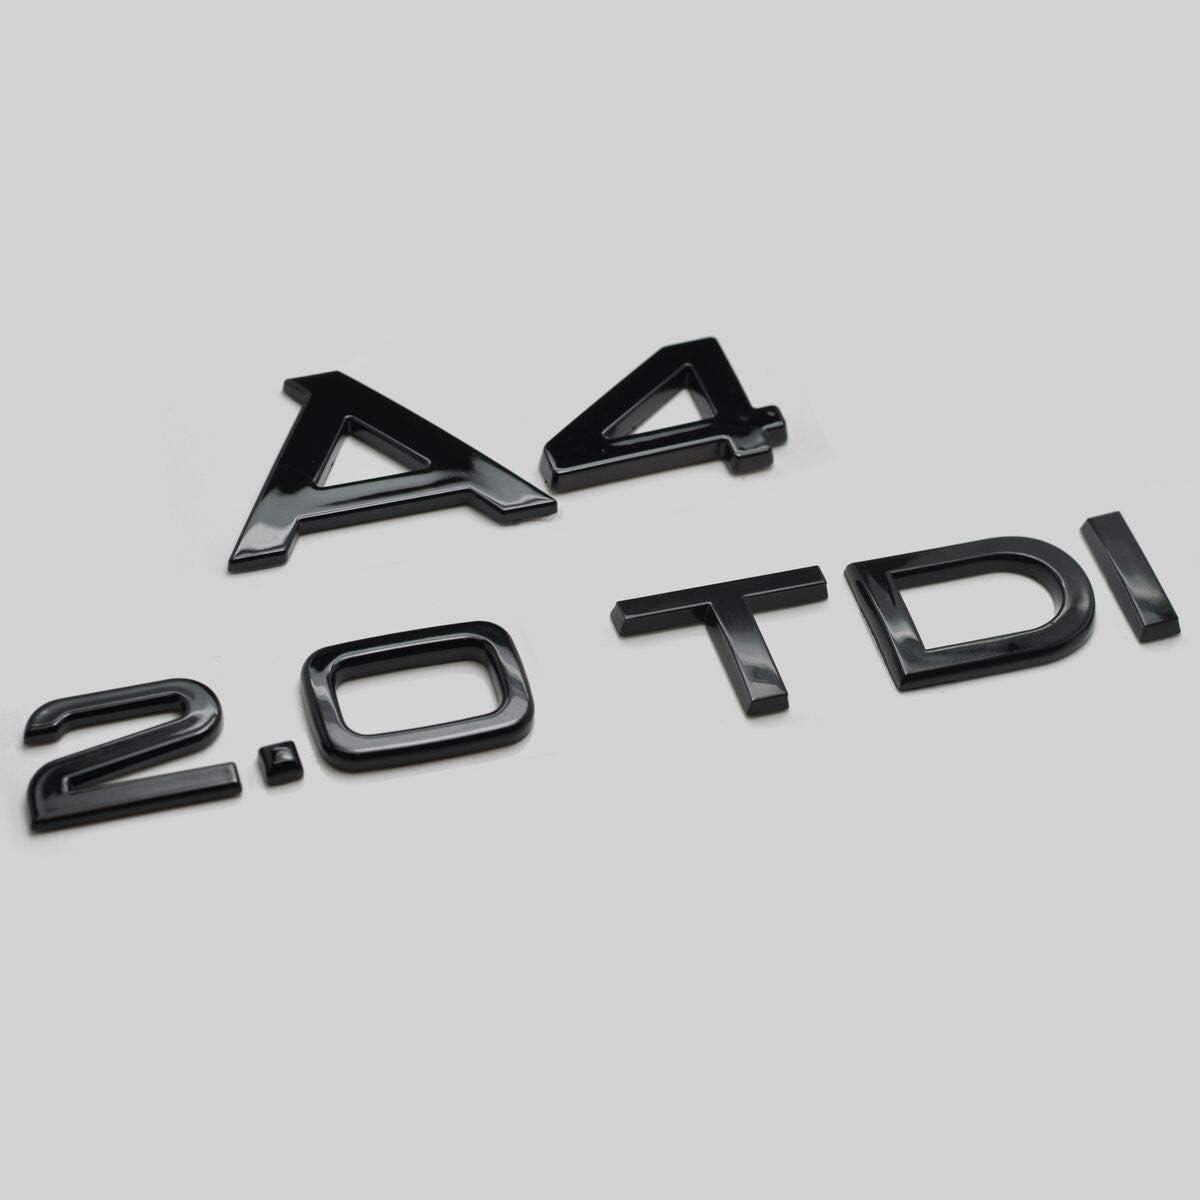 Schwarz Gl/änzend A4 2.0 TDI Zur/ück Boot Badge Emblem Buchstaben Zahlen Kompatibel F/ür A4 Modelle